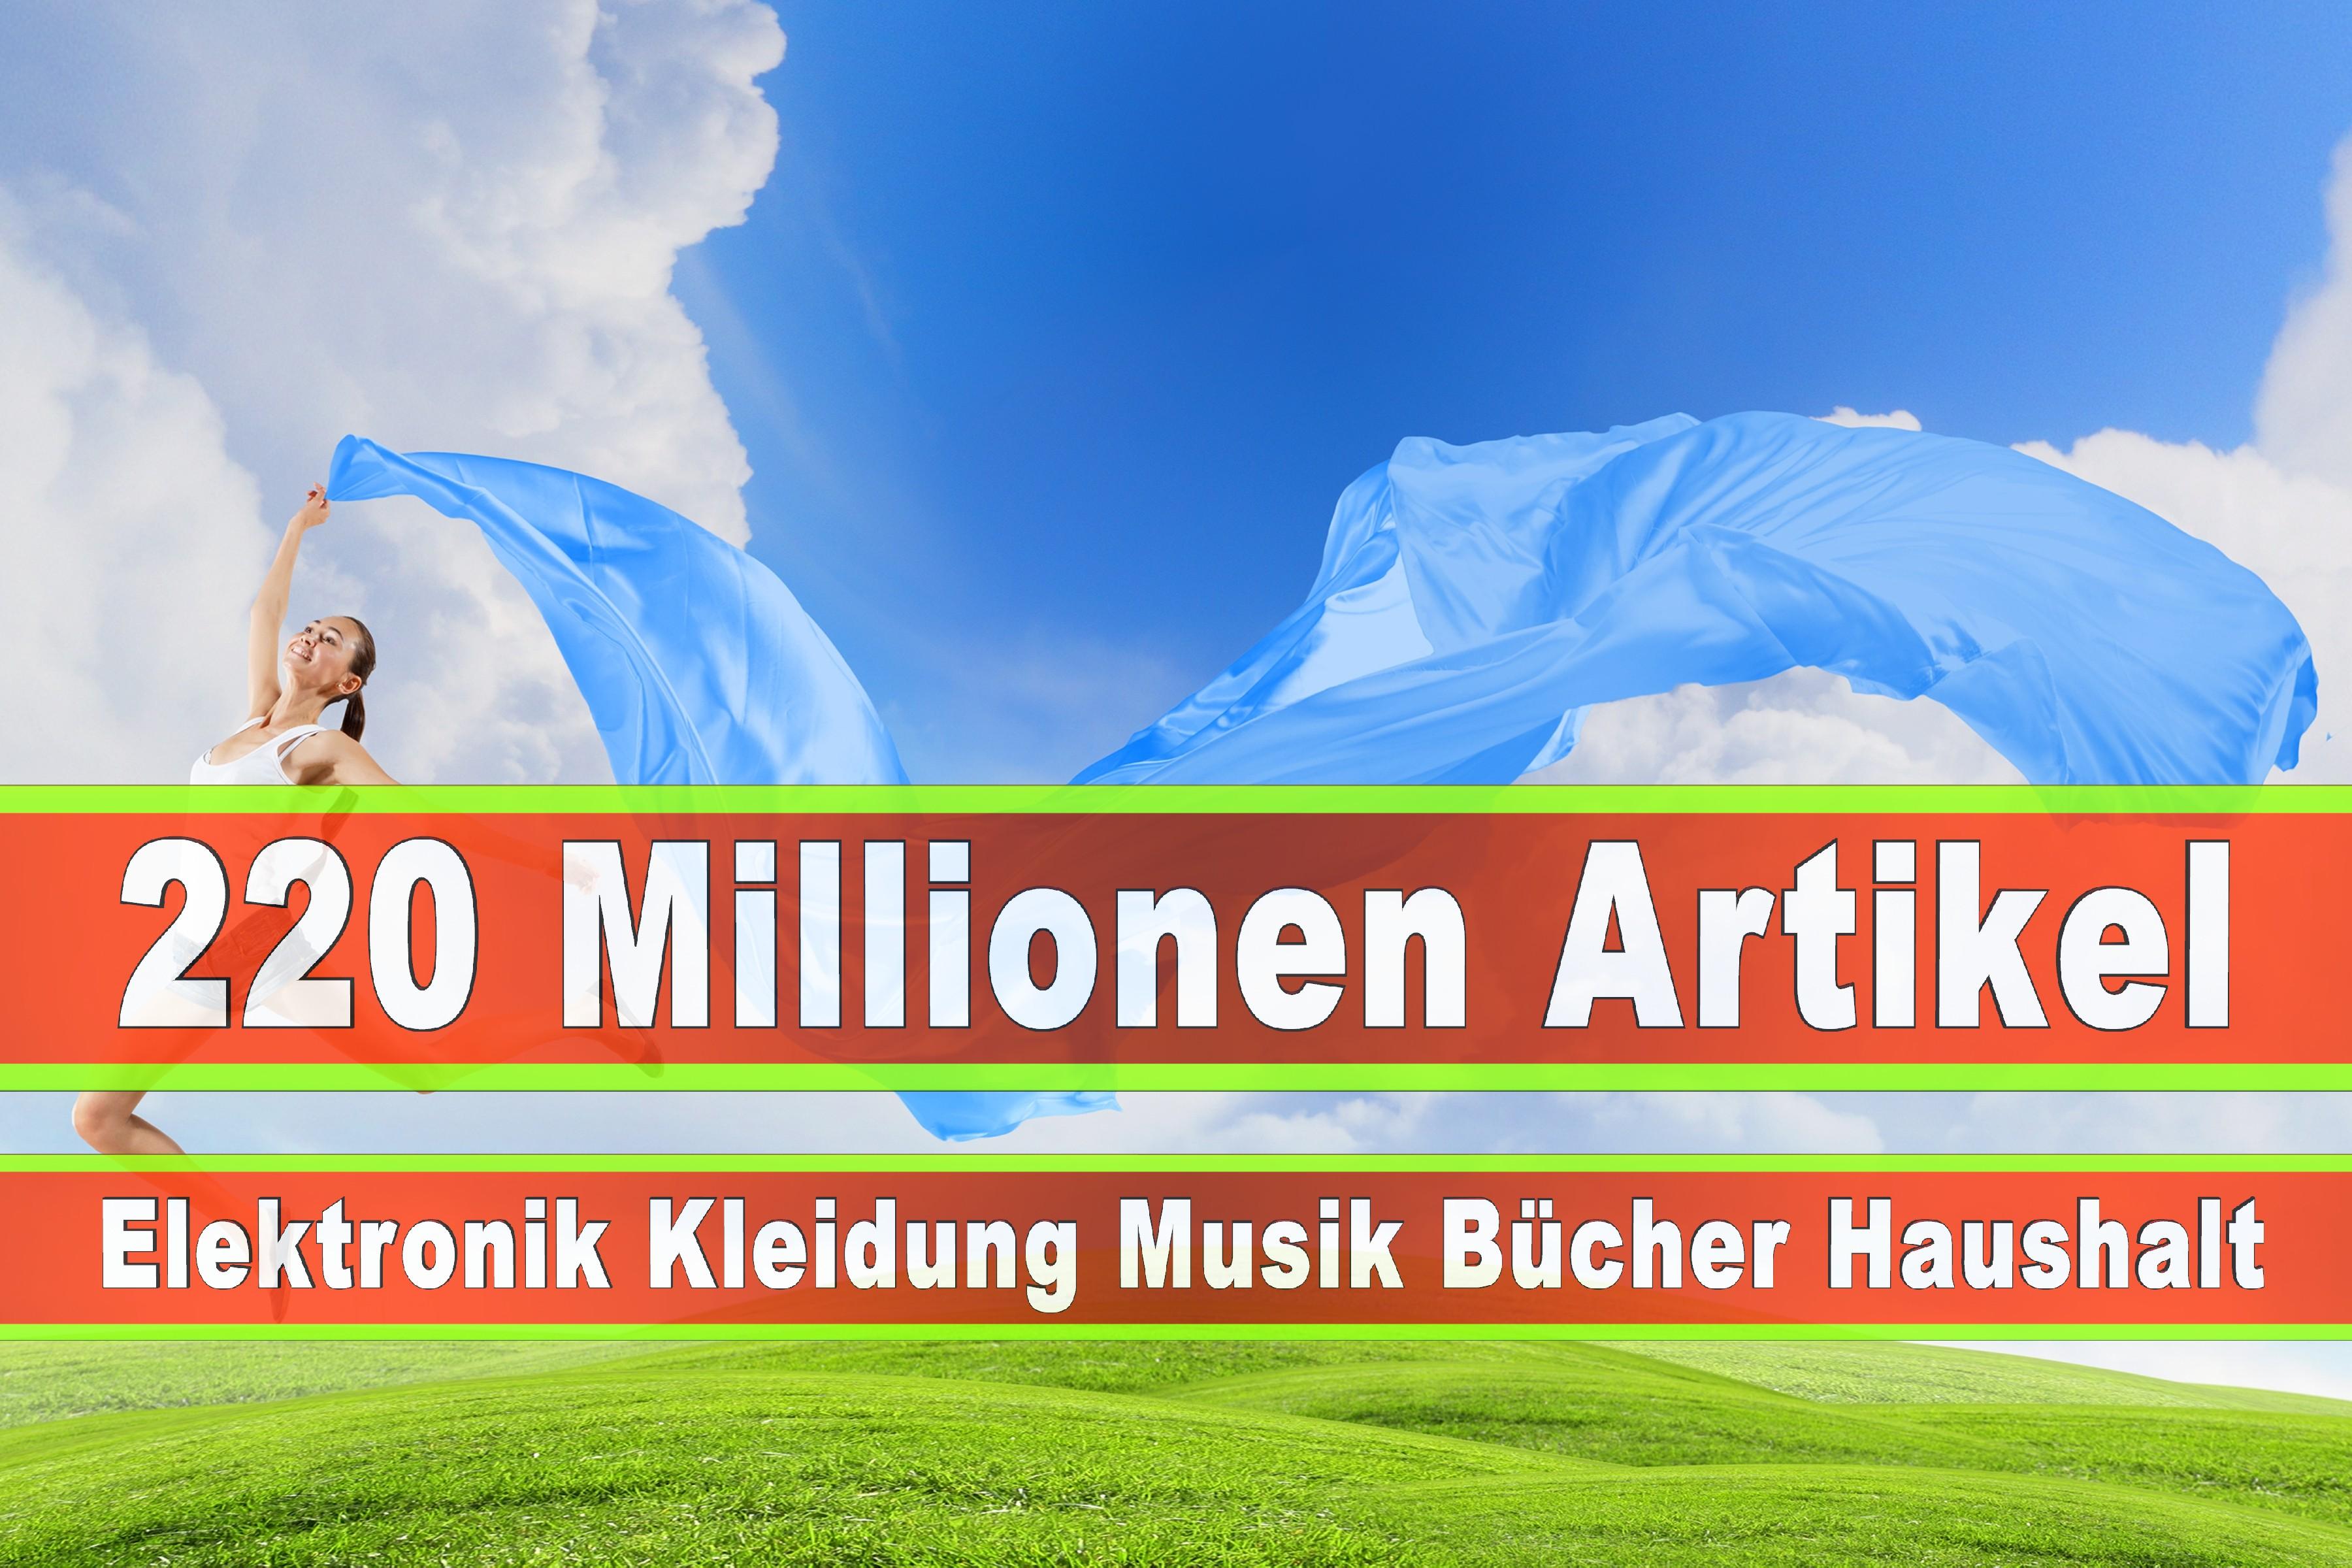 Amazon Elektronik Musik Haushalt Bücher CD DVD Handys Smartphones TV Television Fernseher Kleidung Mode Ebay Versandhaus (209)